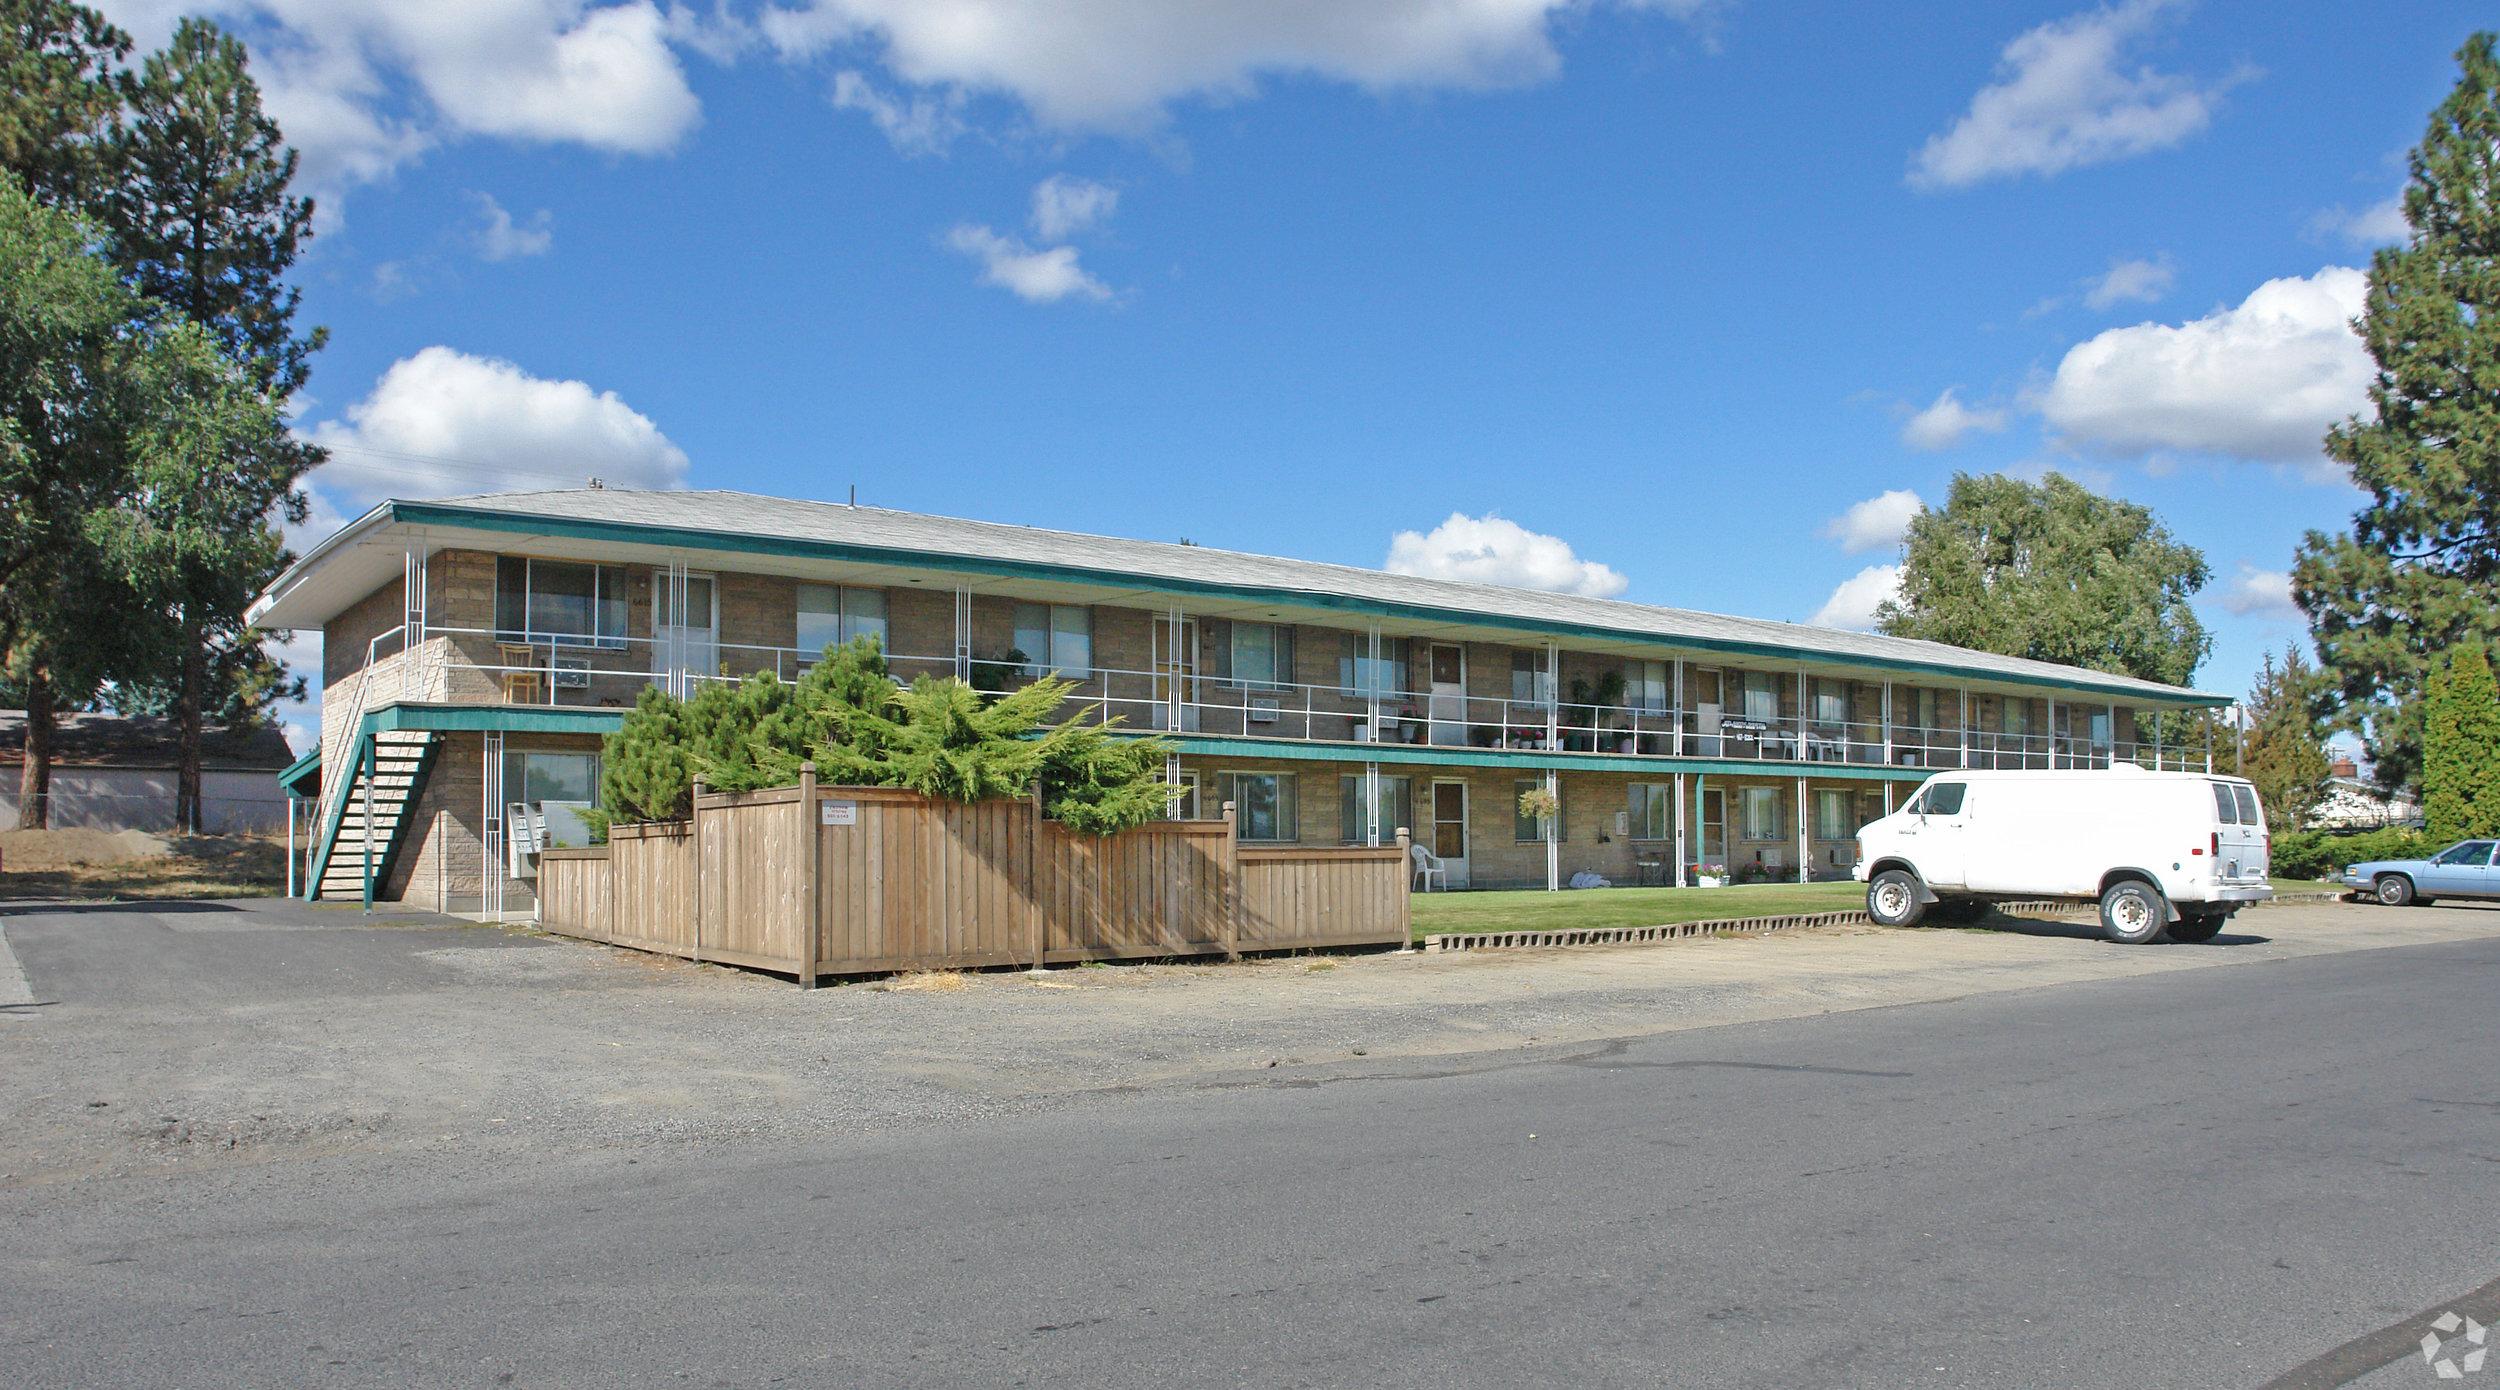 14 Unit Apartment in North Spokane  Sale: $794,000